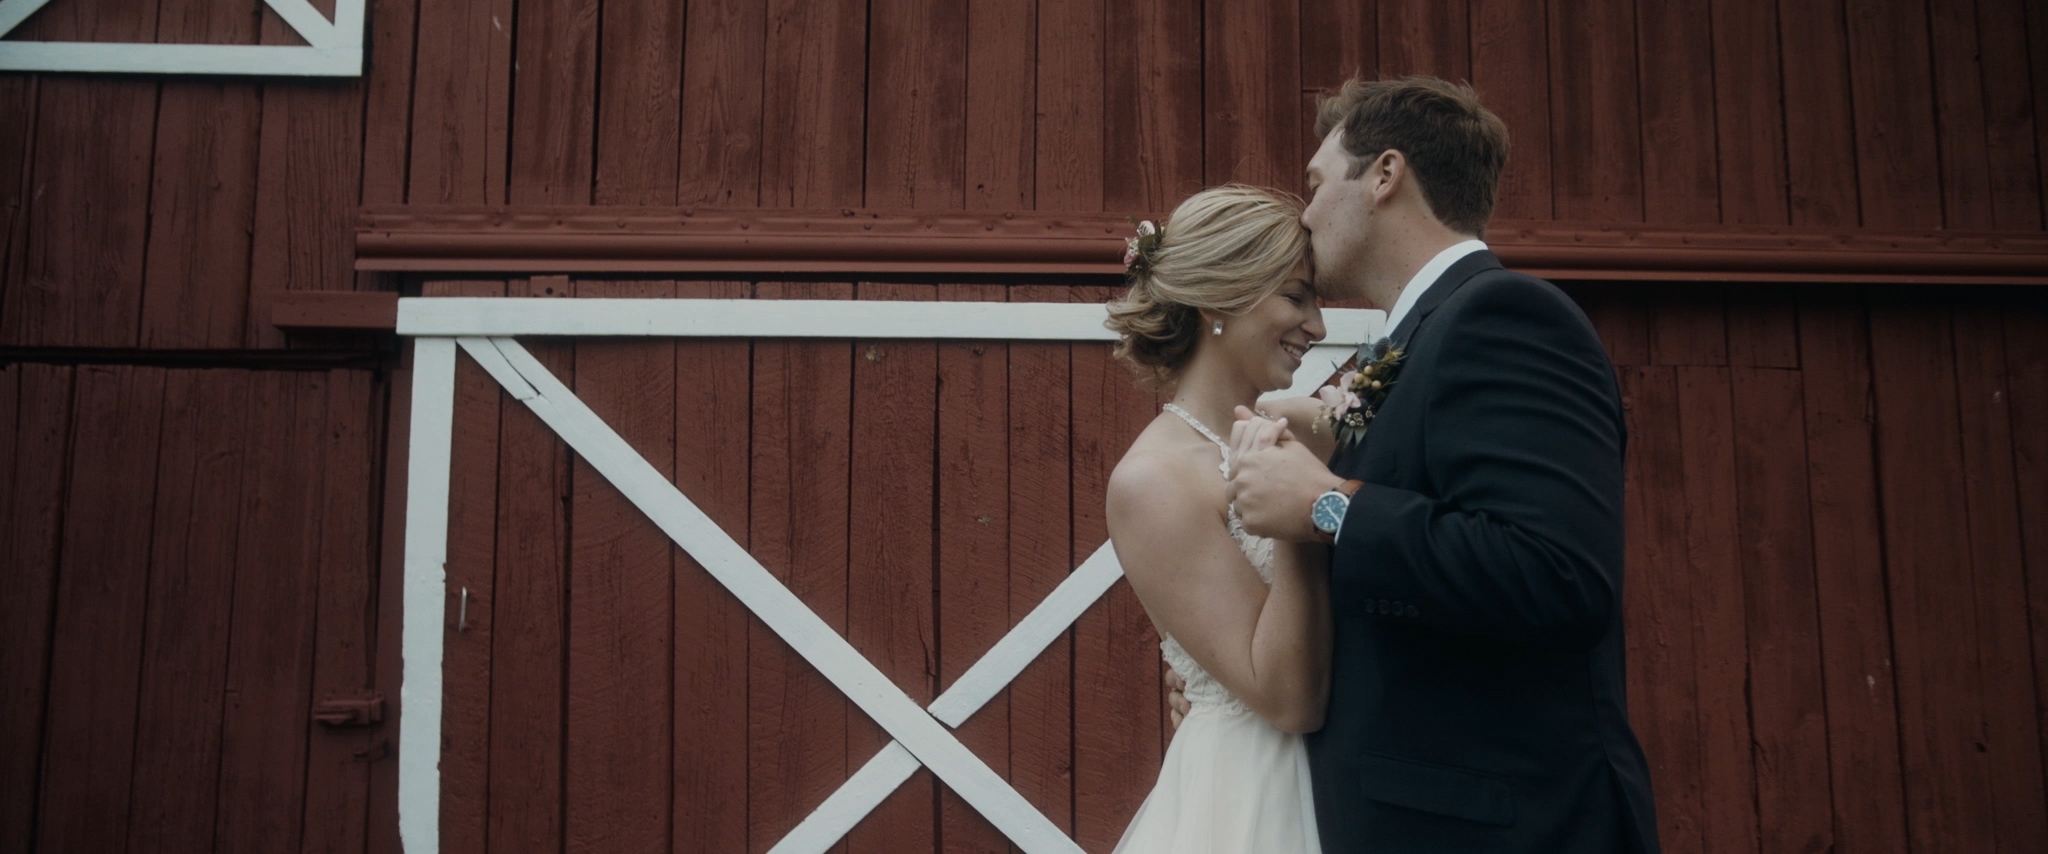 HAVENS_Wedding_Film.00_07_20_15.Still083.jpg